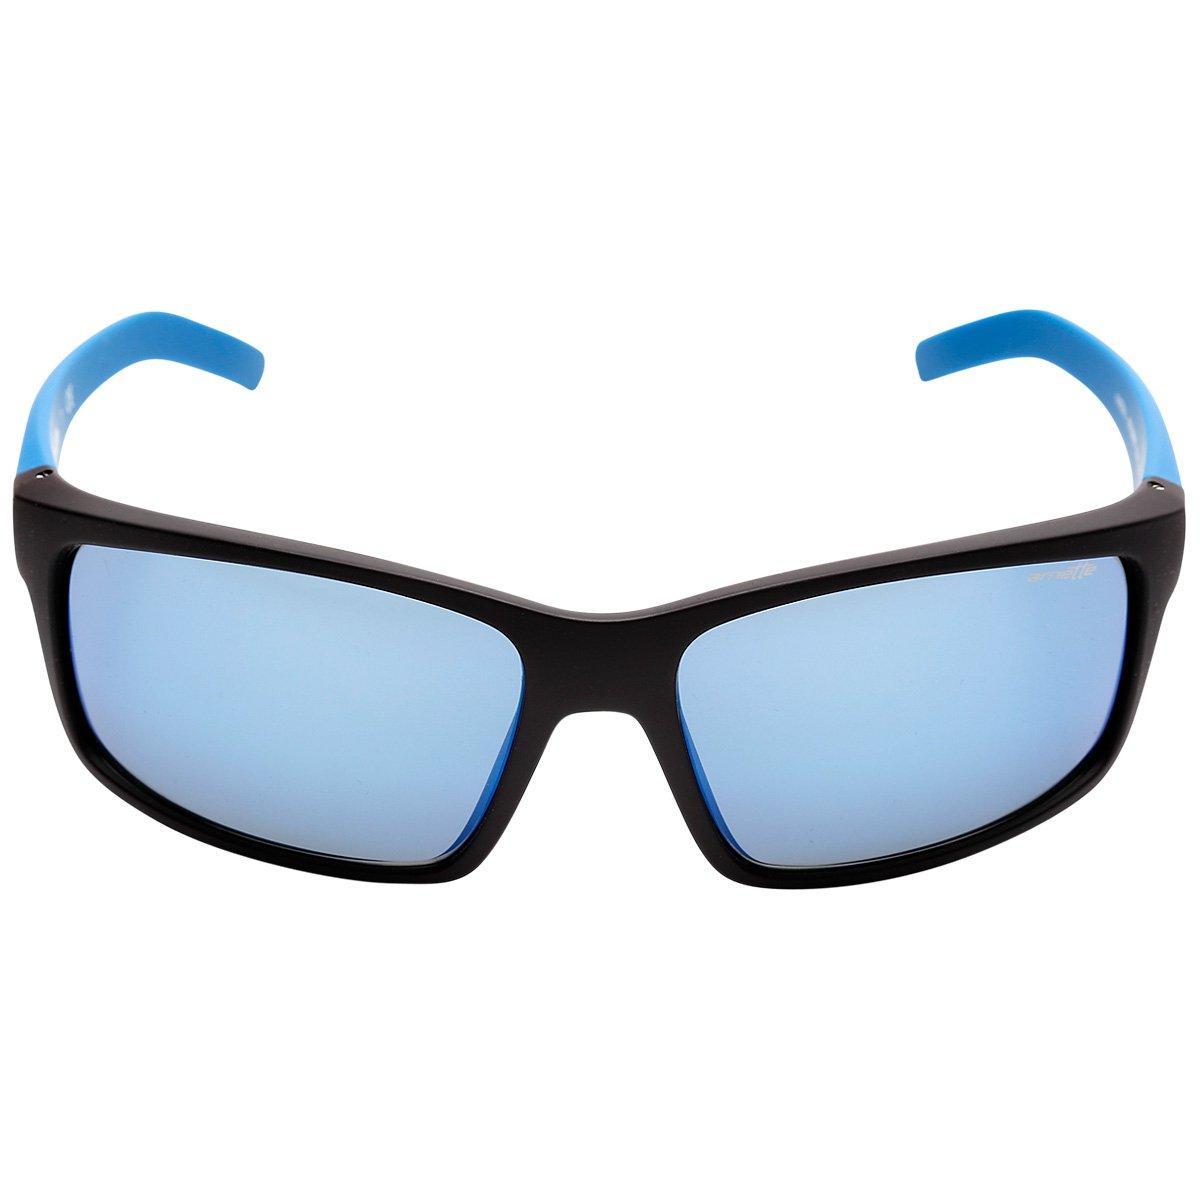 Óculos Arnette Fastball  Óculos Arnette Fastball ... 26b3e0e895